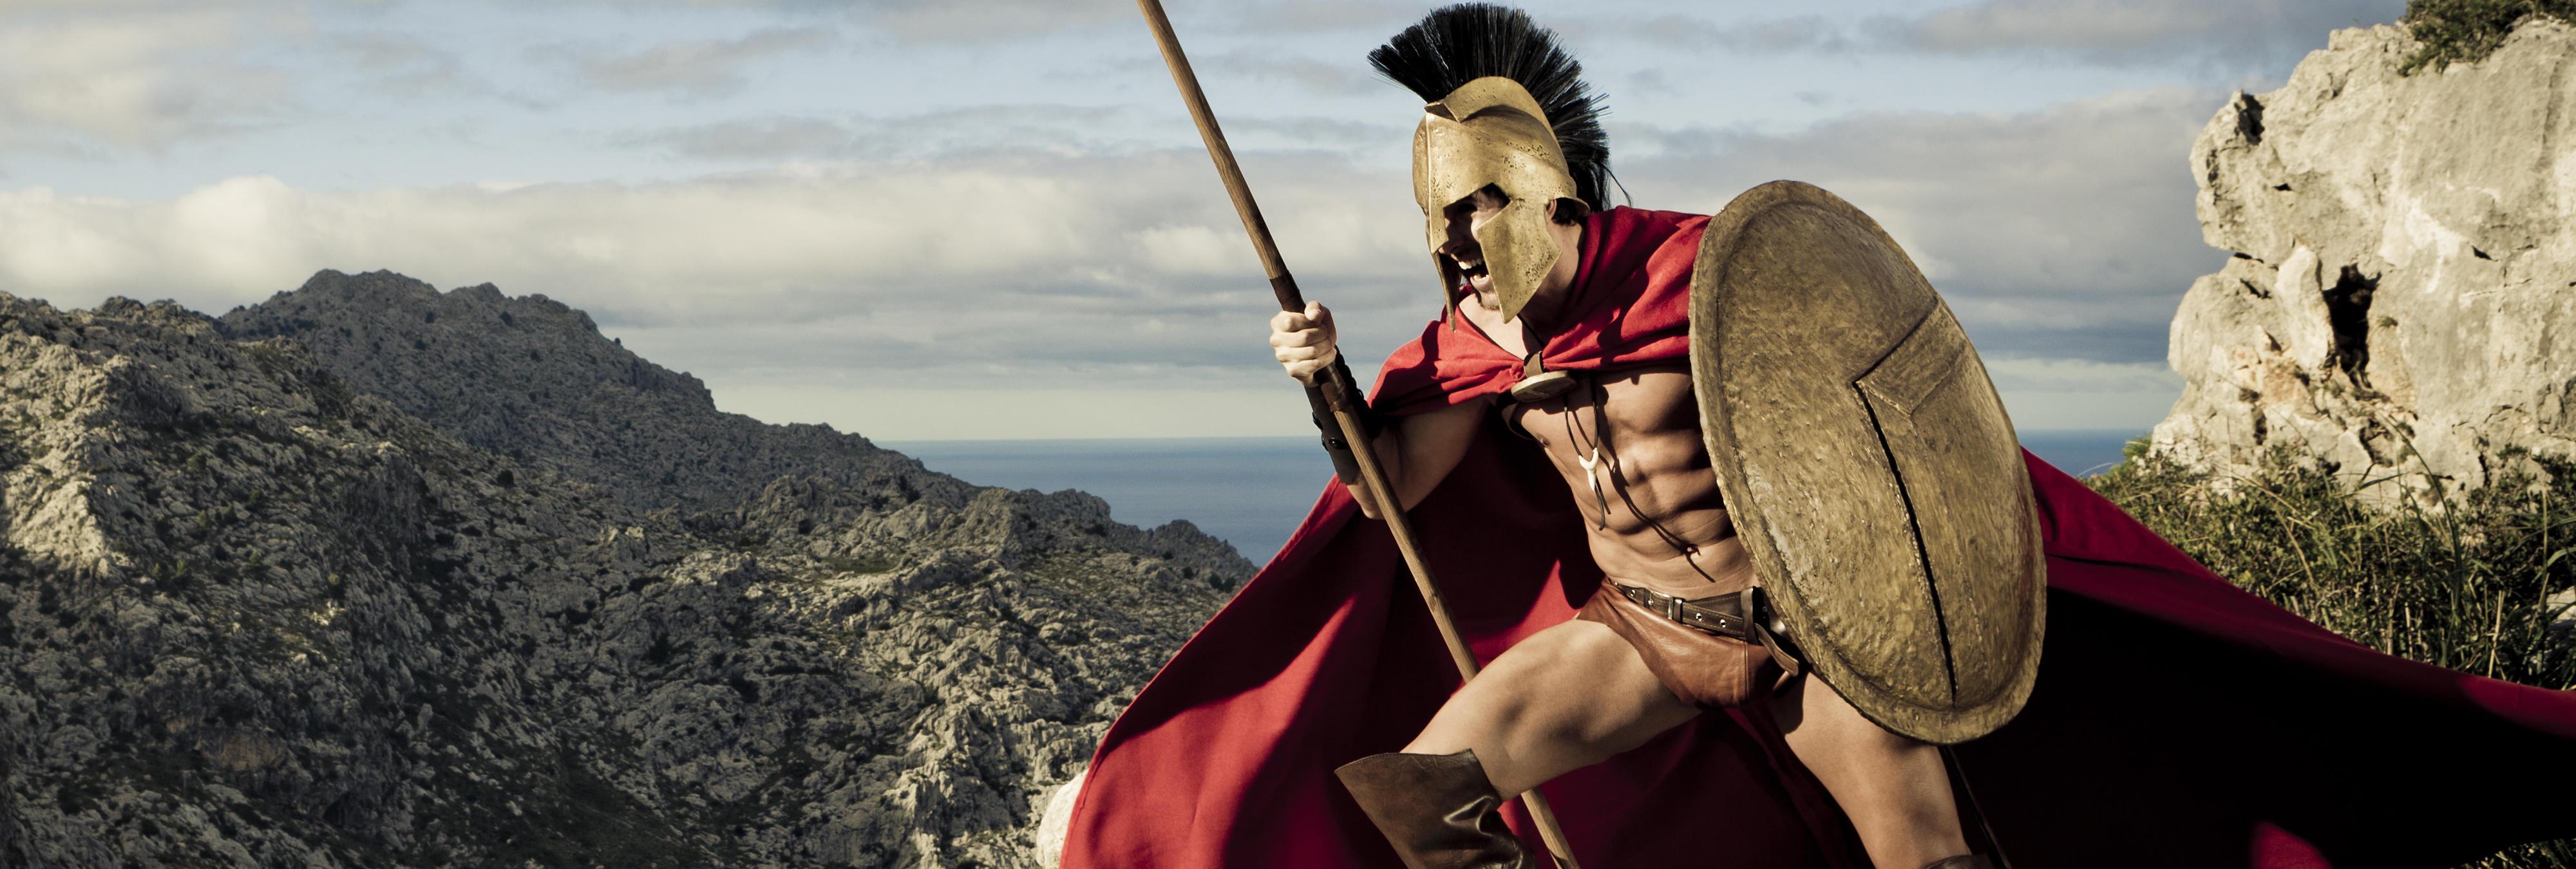 El Batallón Sagrado de Tebas, el ejército formado por 150 parejas homosexuales que derrotó a los espartanos